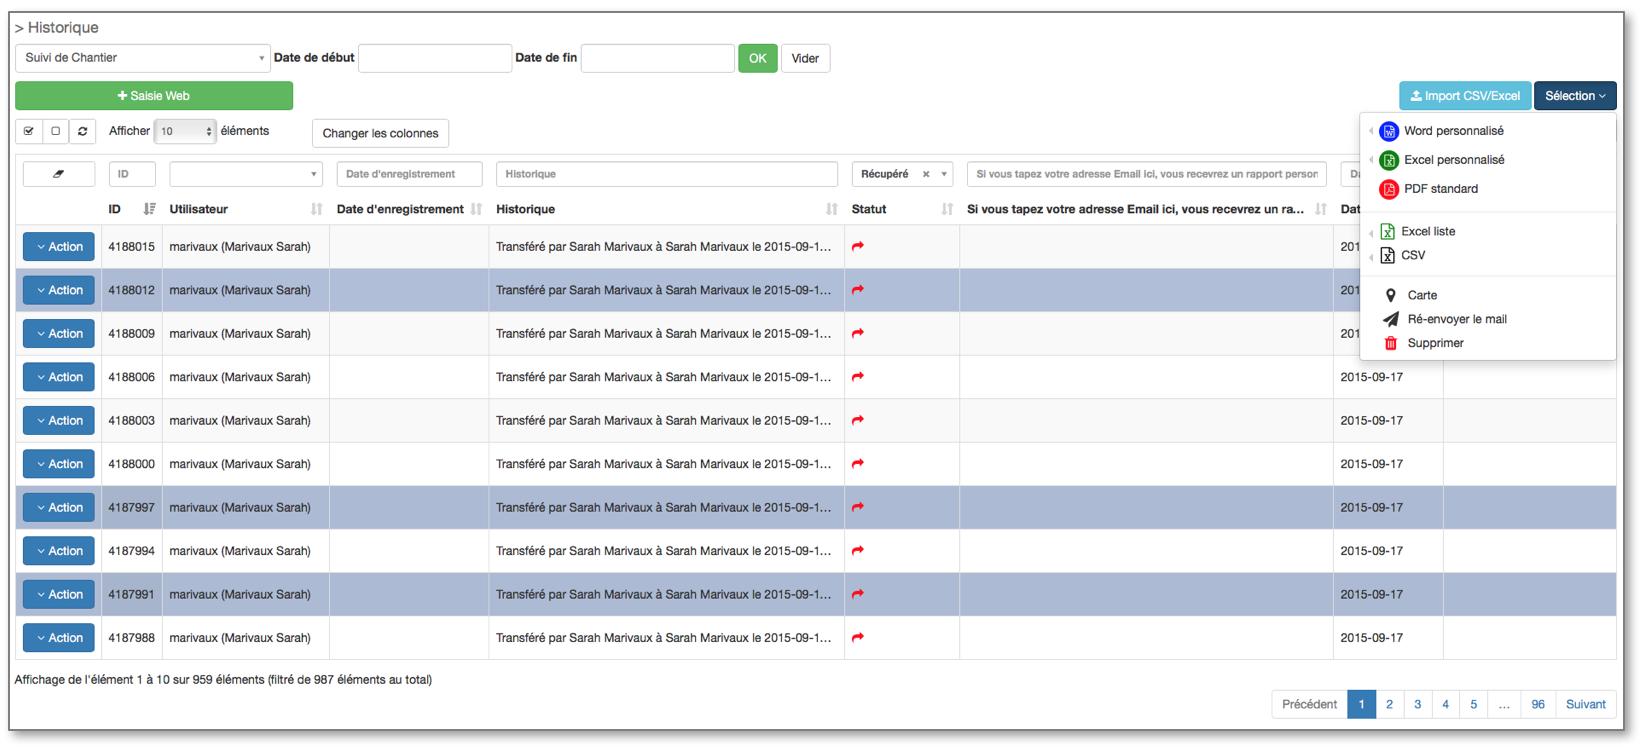 Exportez vos données au format de votre choix